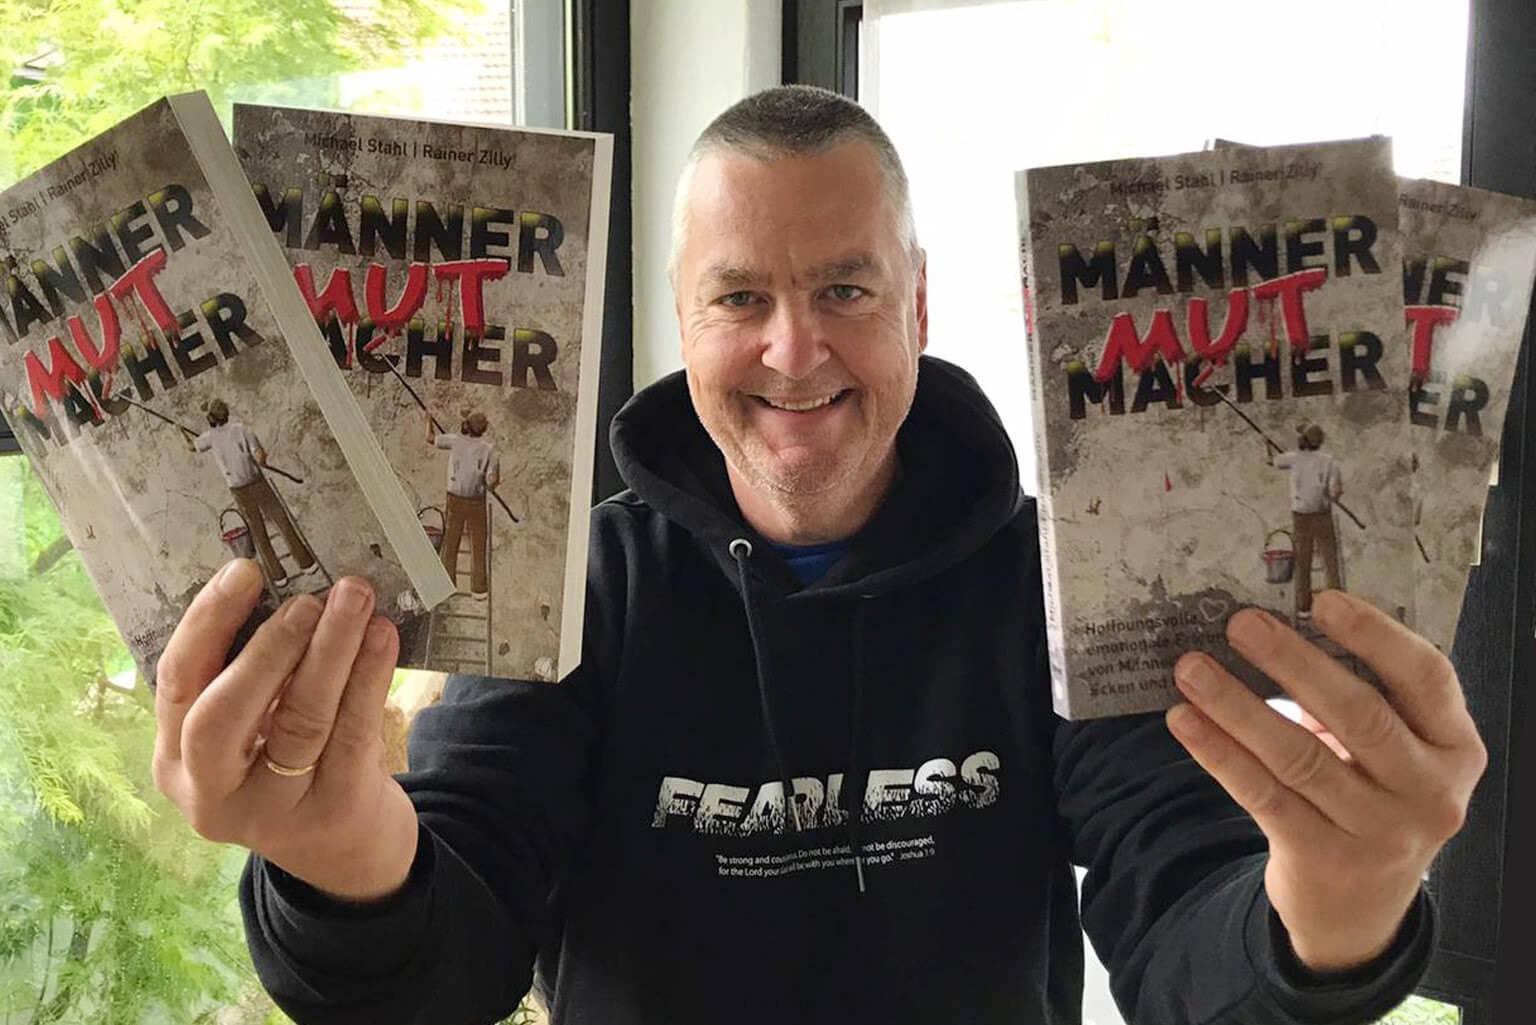 MännerMutMacher-Buch